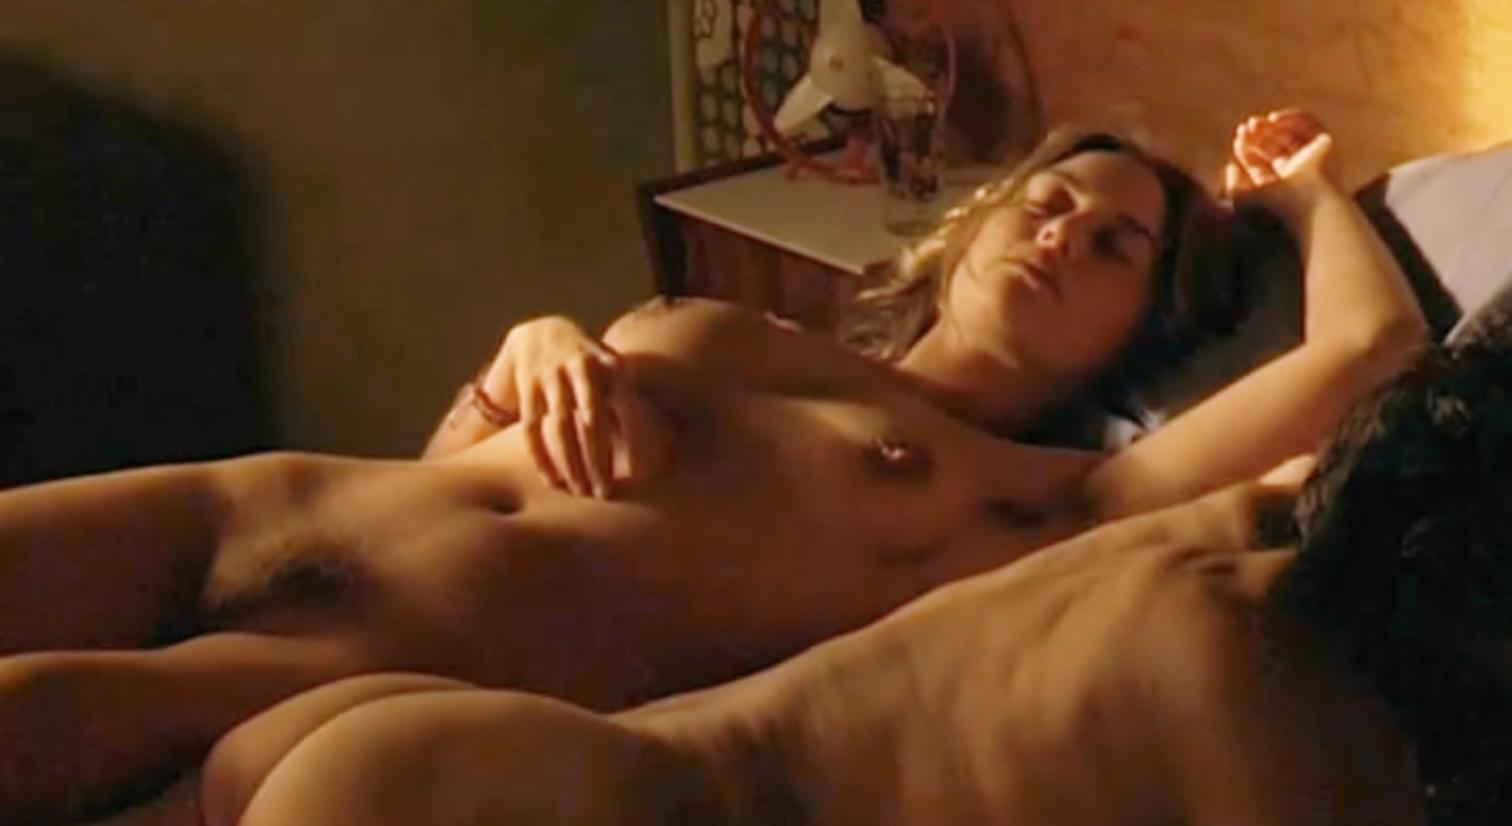 Голливудские актеры в порно сценах, анал с молодыми большими членами